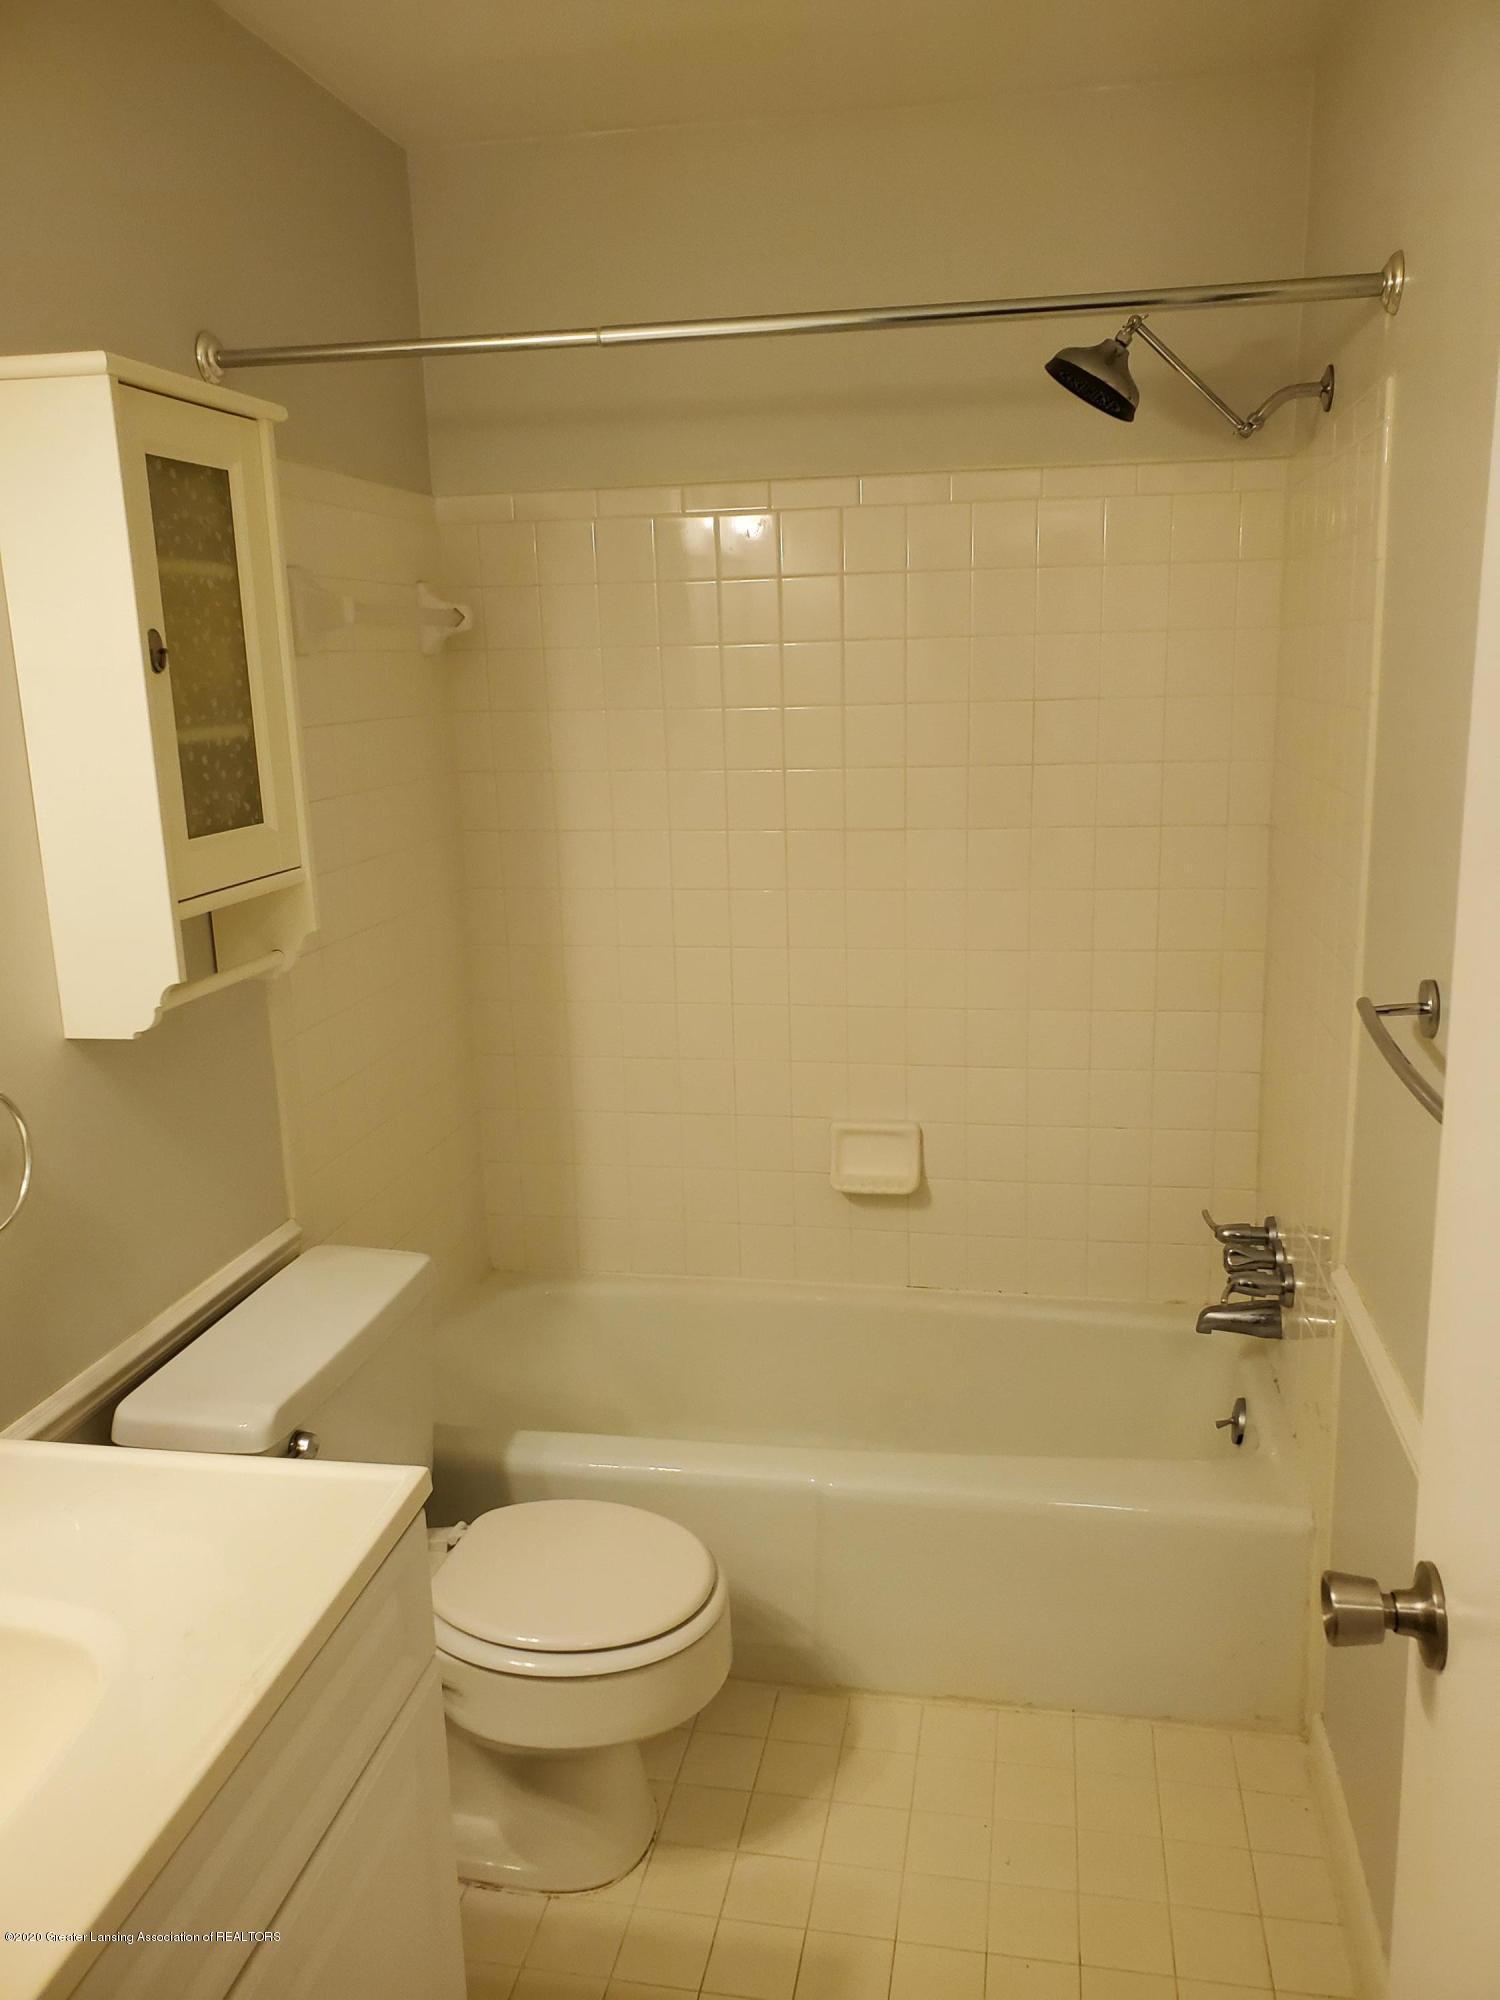 6160 Innkeepers Ct APT 55 - Bathroom - 11